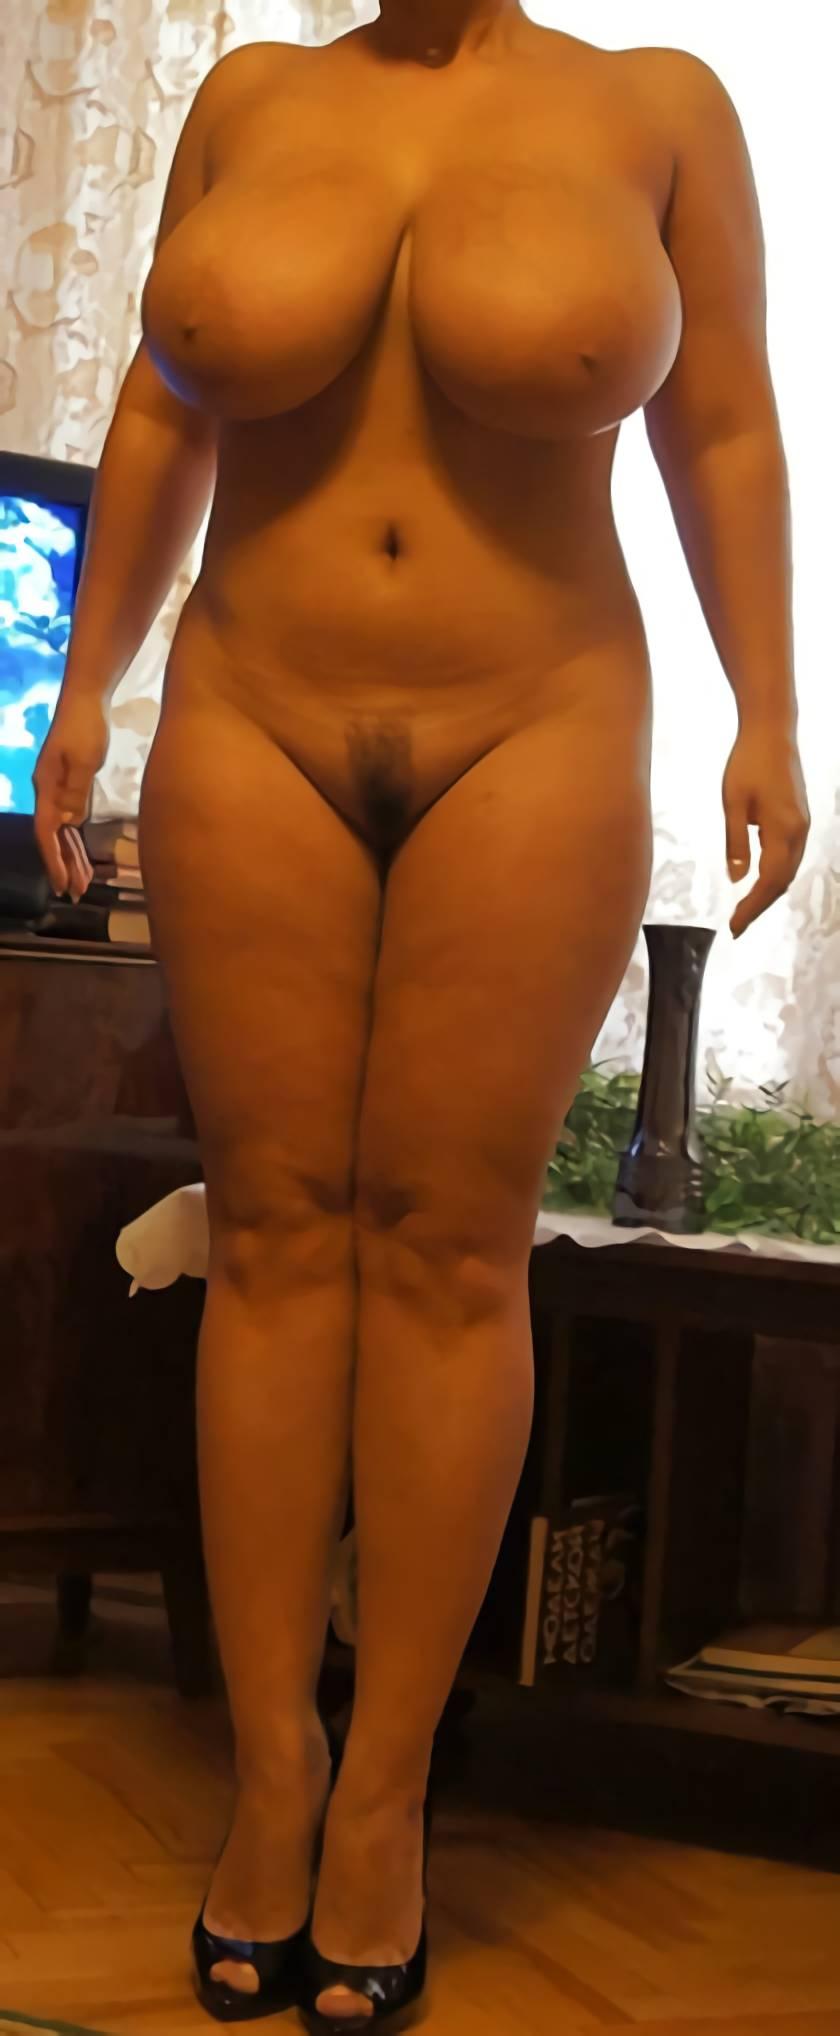 cewek bule punya badan semok toketnya gede montok, foto bugil tante girang chubby pamer body dan payudara yang besar